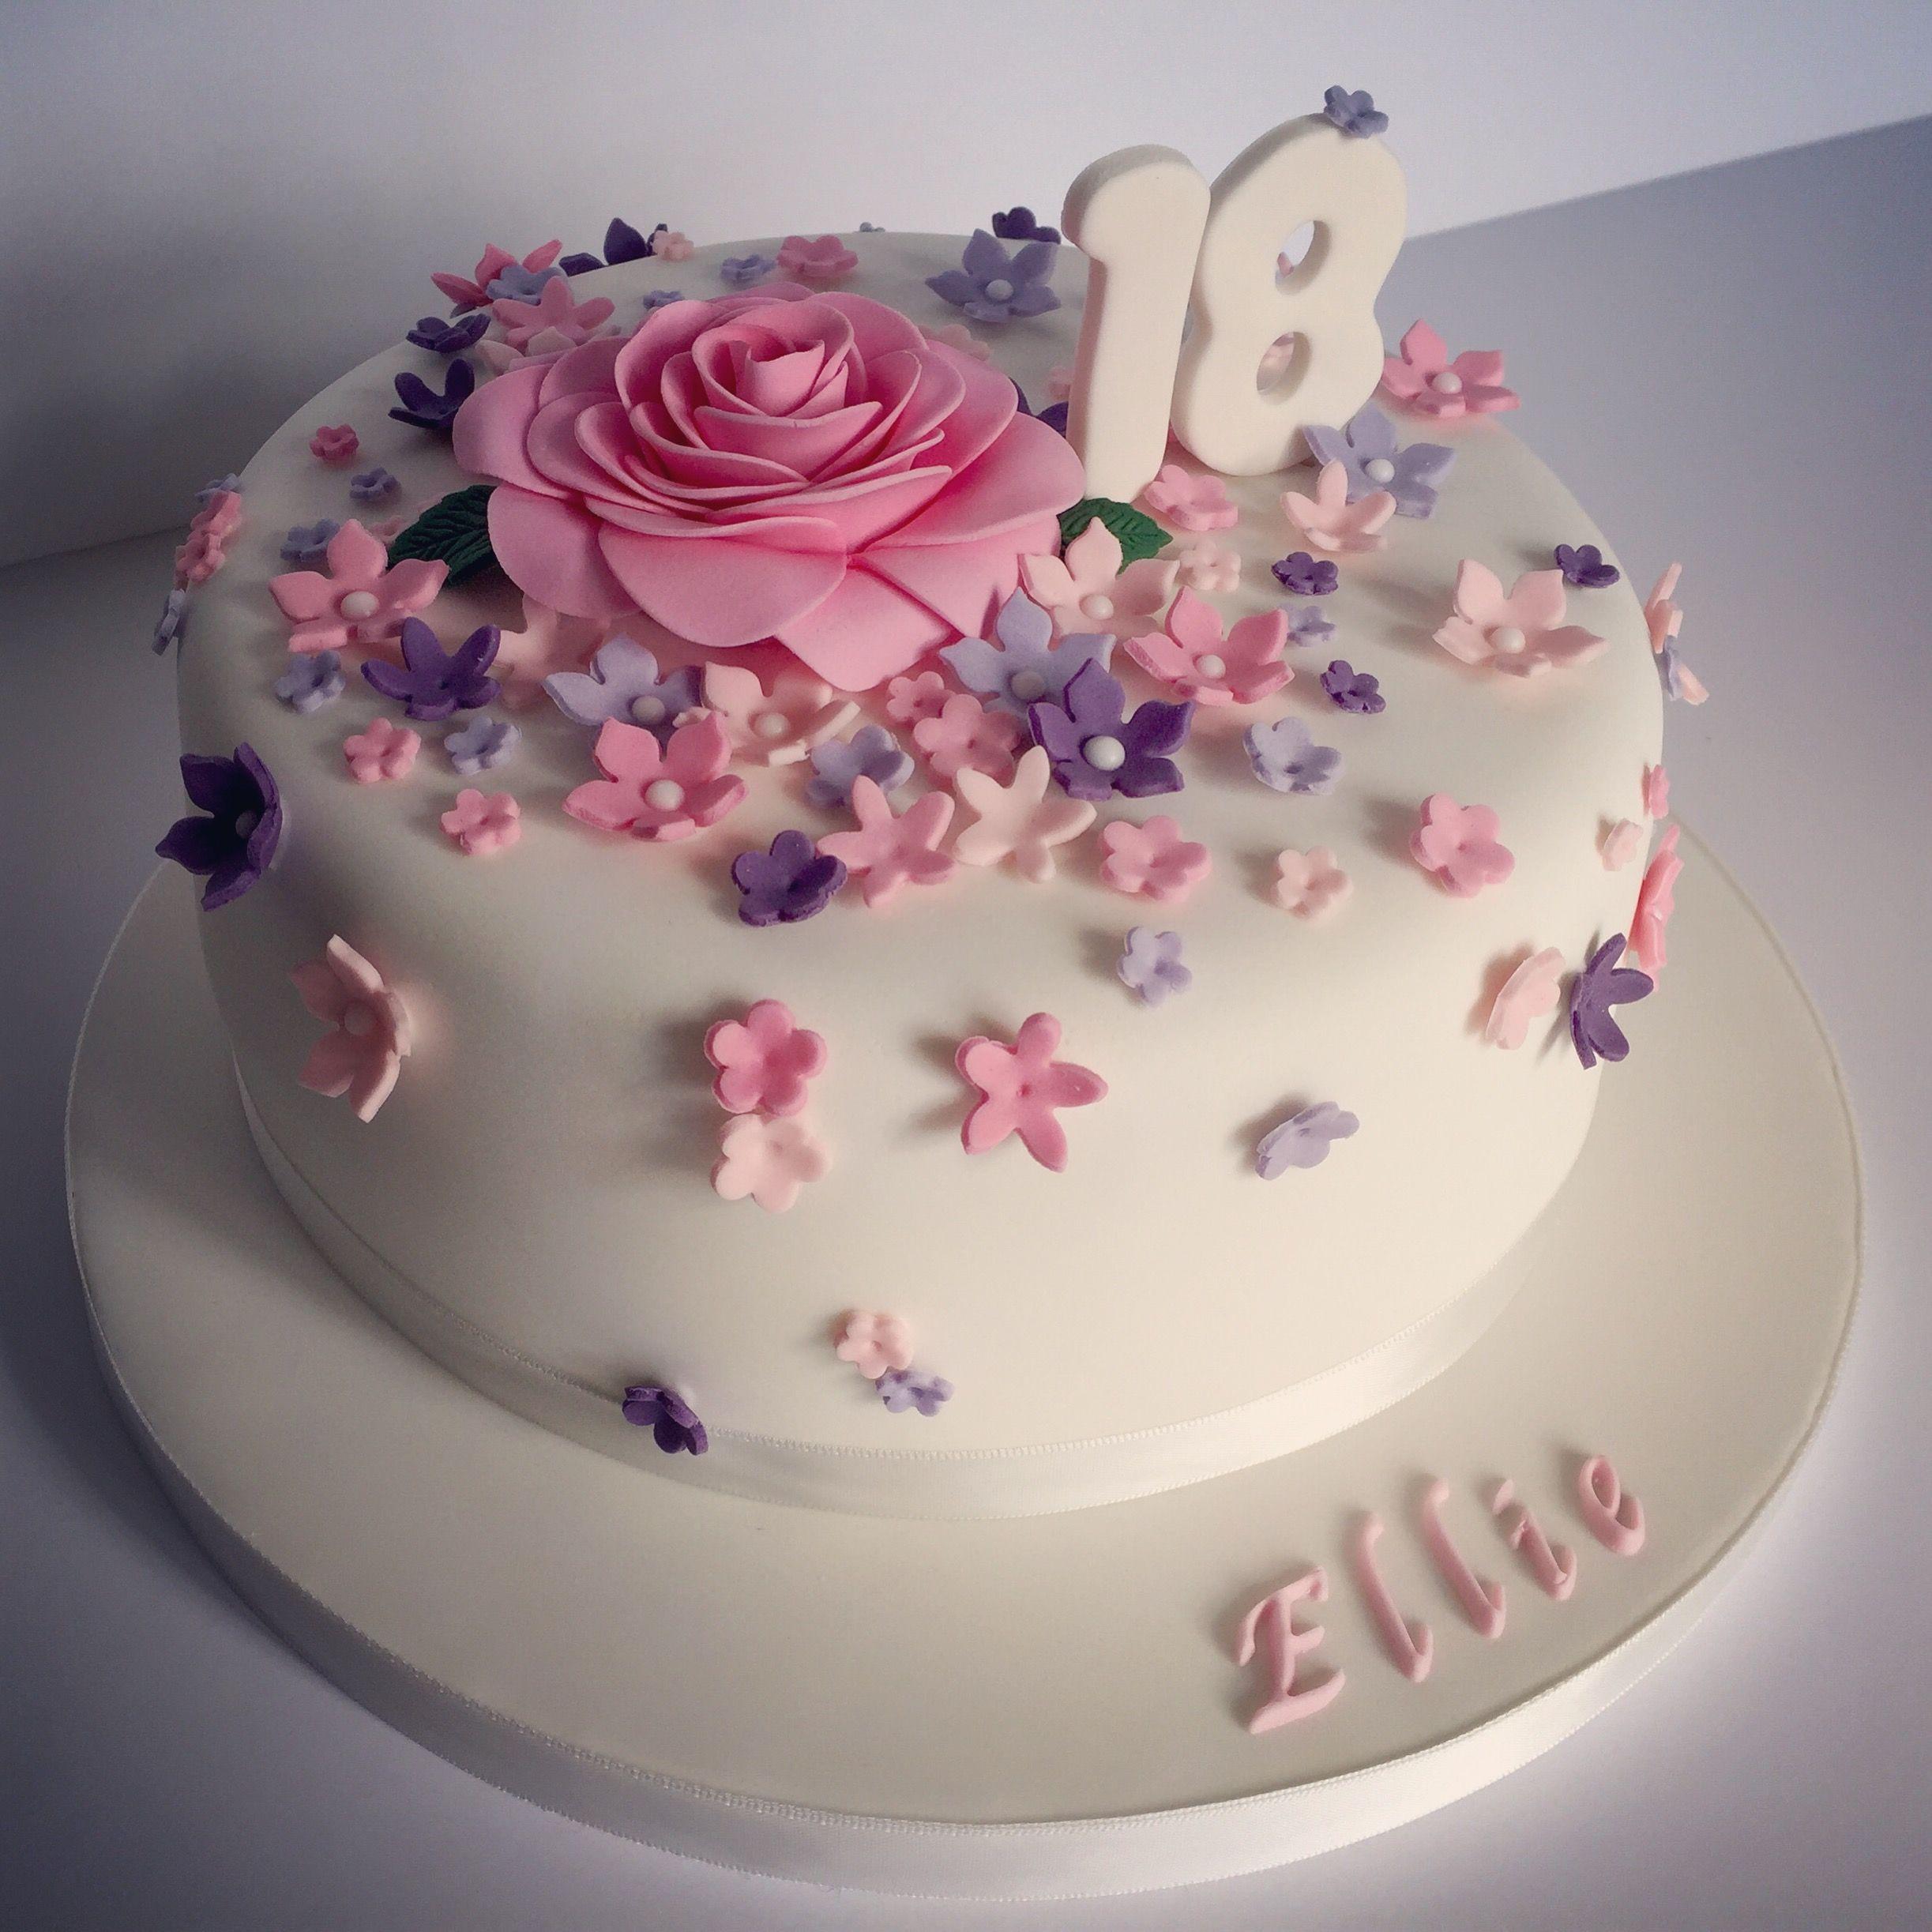 Pretty 18th Birthday Cake For Pretty Girl Design By Elina Prawito